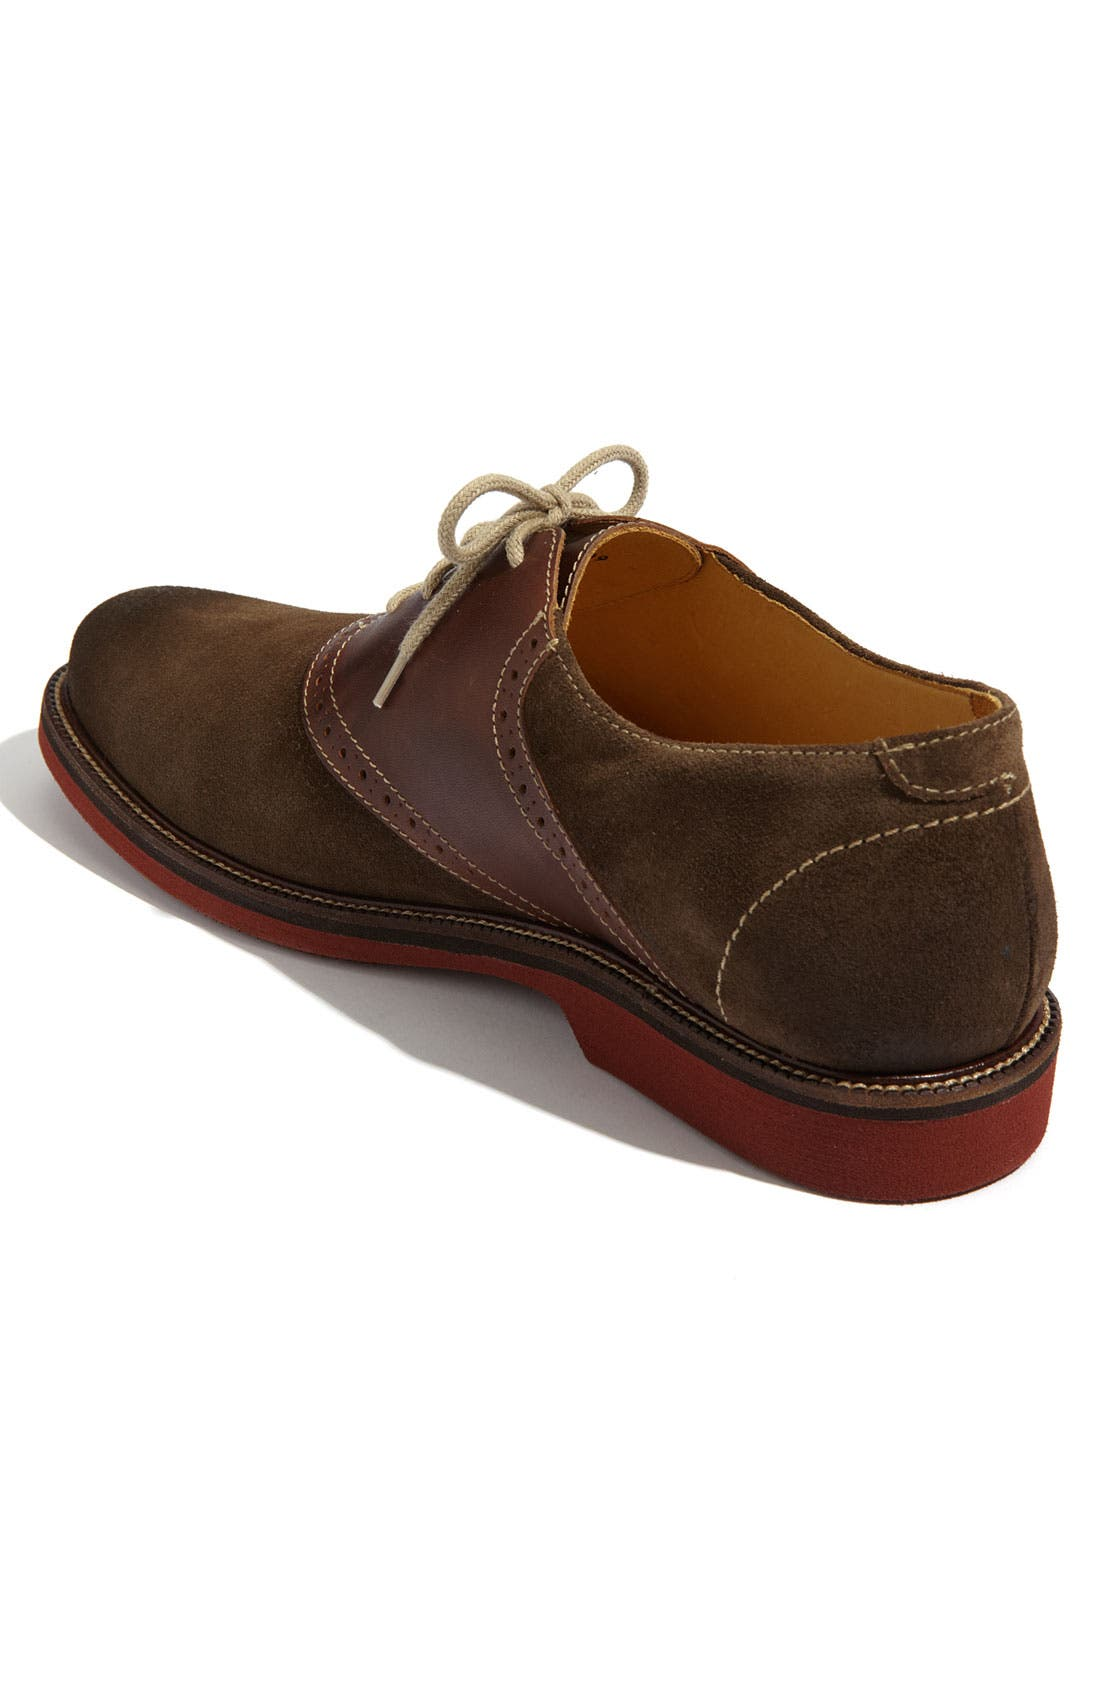 Alternate Image 2  - 1901 'Saddle Up' Saddle Shoe (Men)